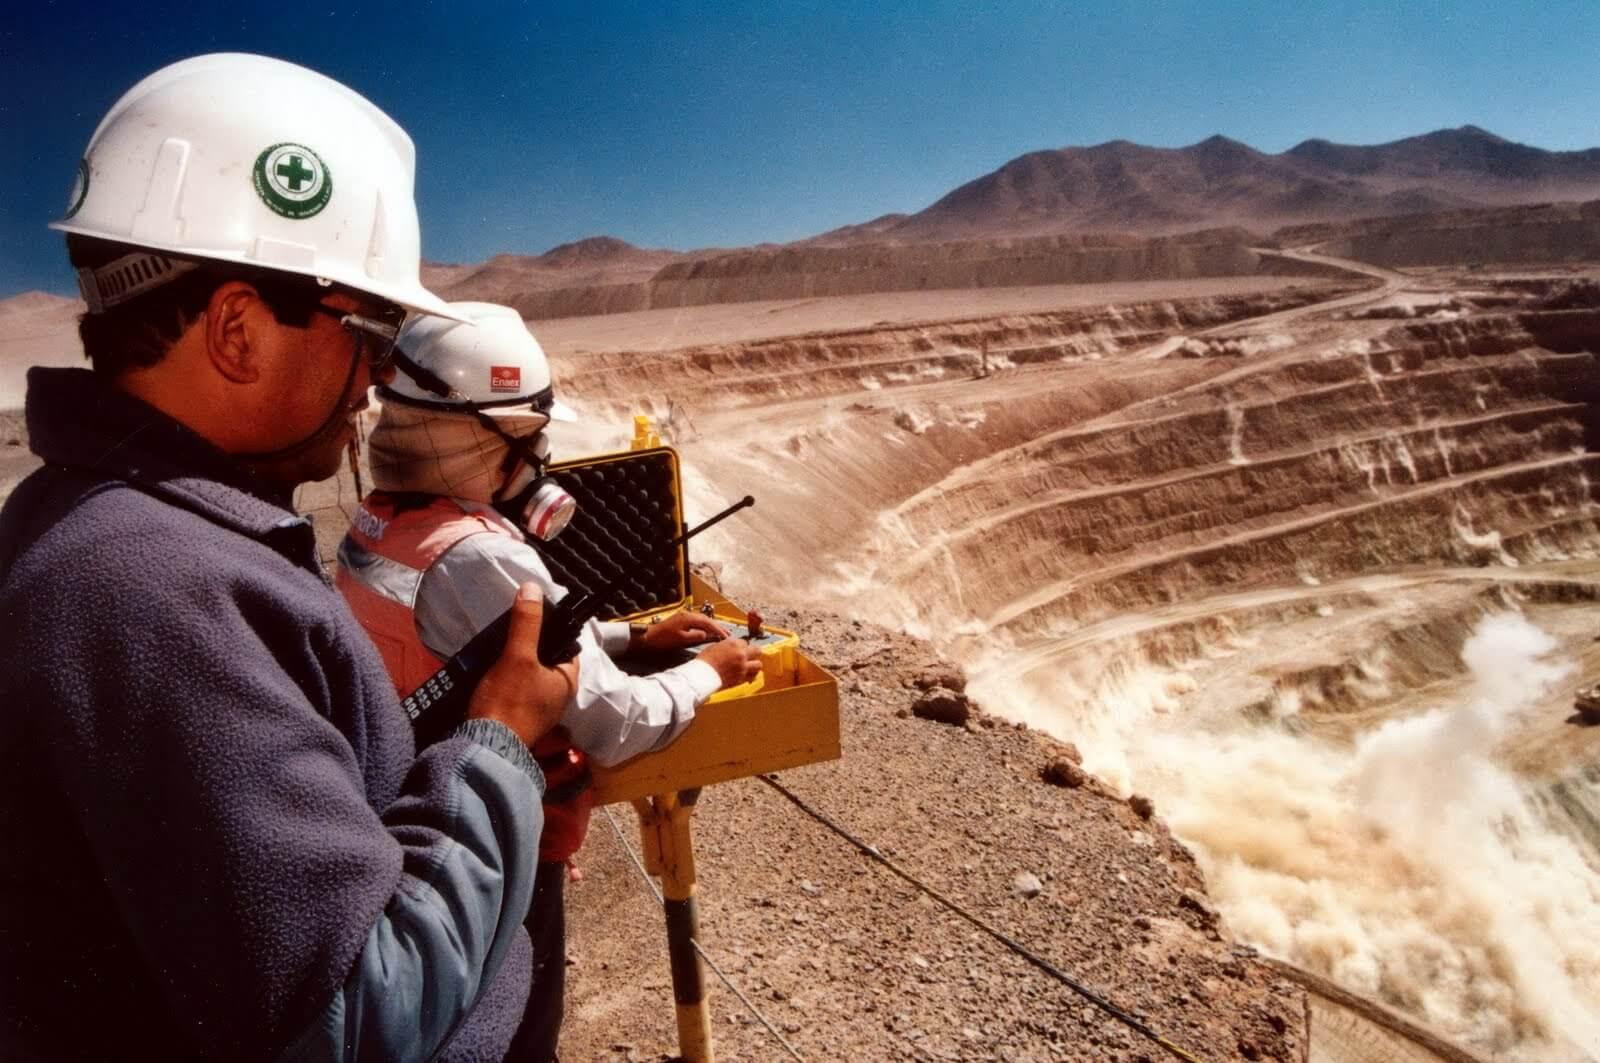 Técnico en Explotación de Minas es una de las carreras técnicas mejor pagadas